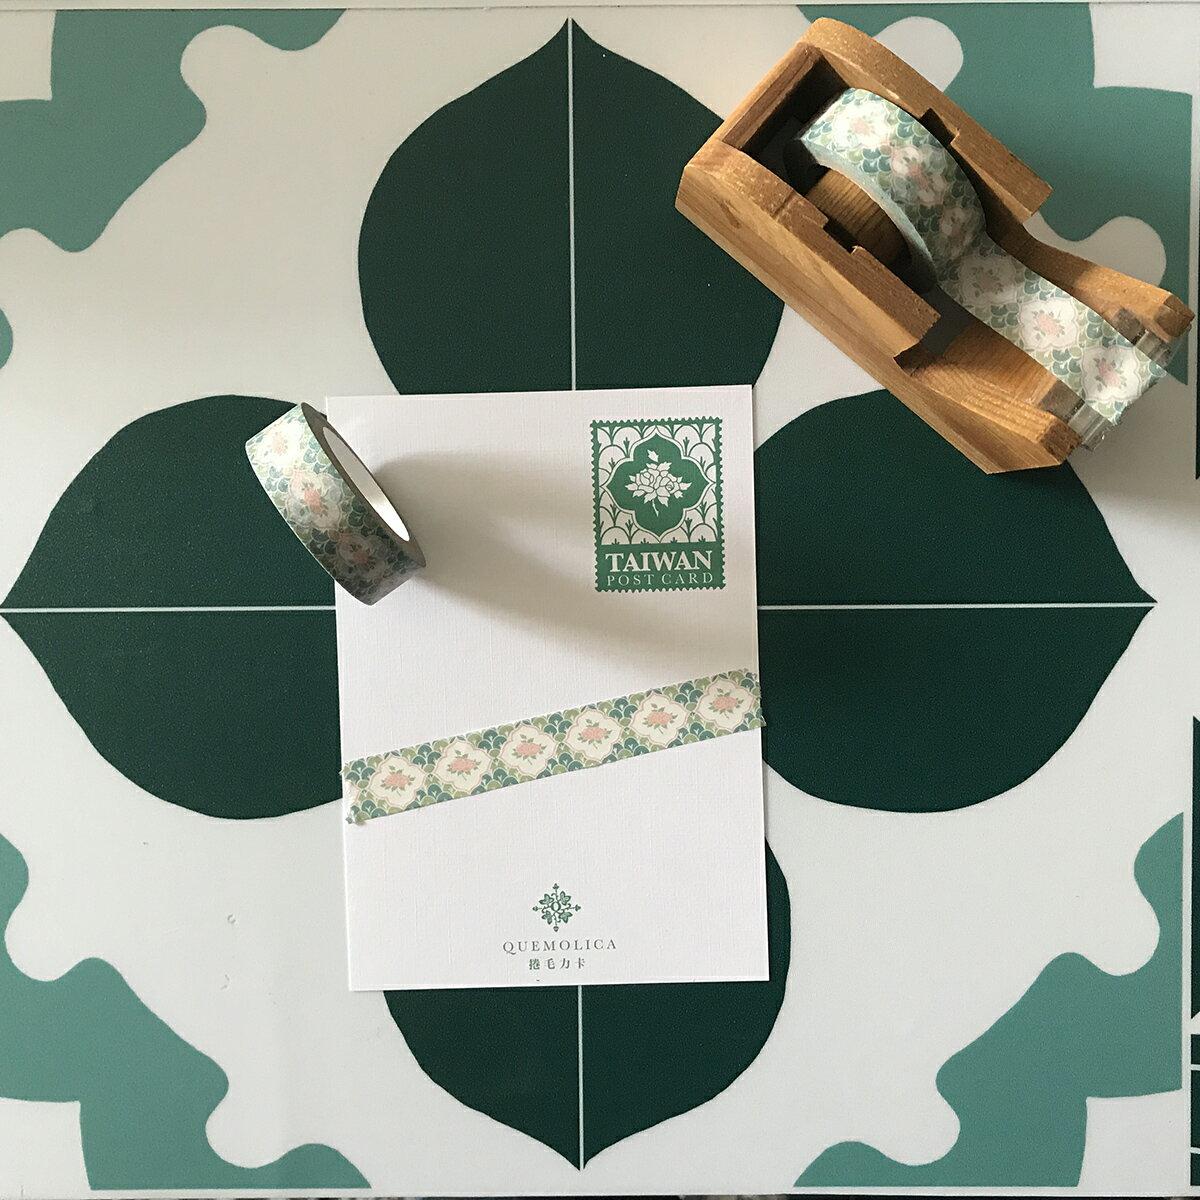 紙膠帶 - 森林玫瑰  花磚,台灣,捲毛力卡,四方連續,紙膠帶